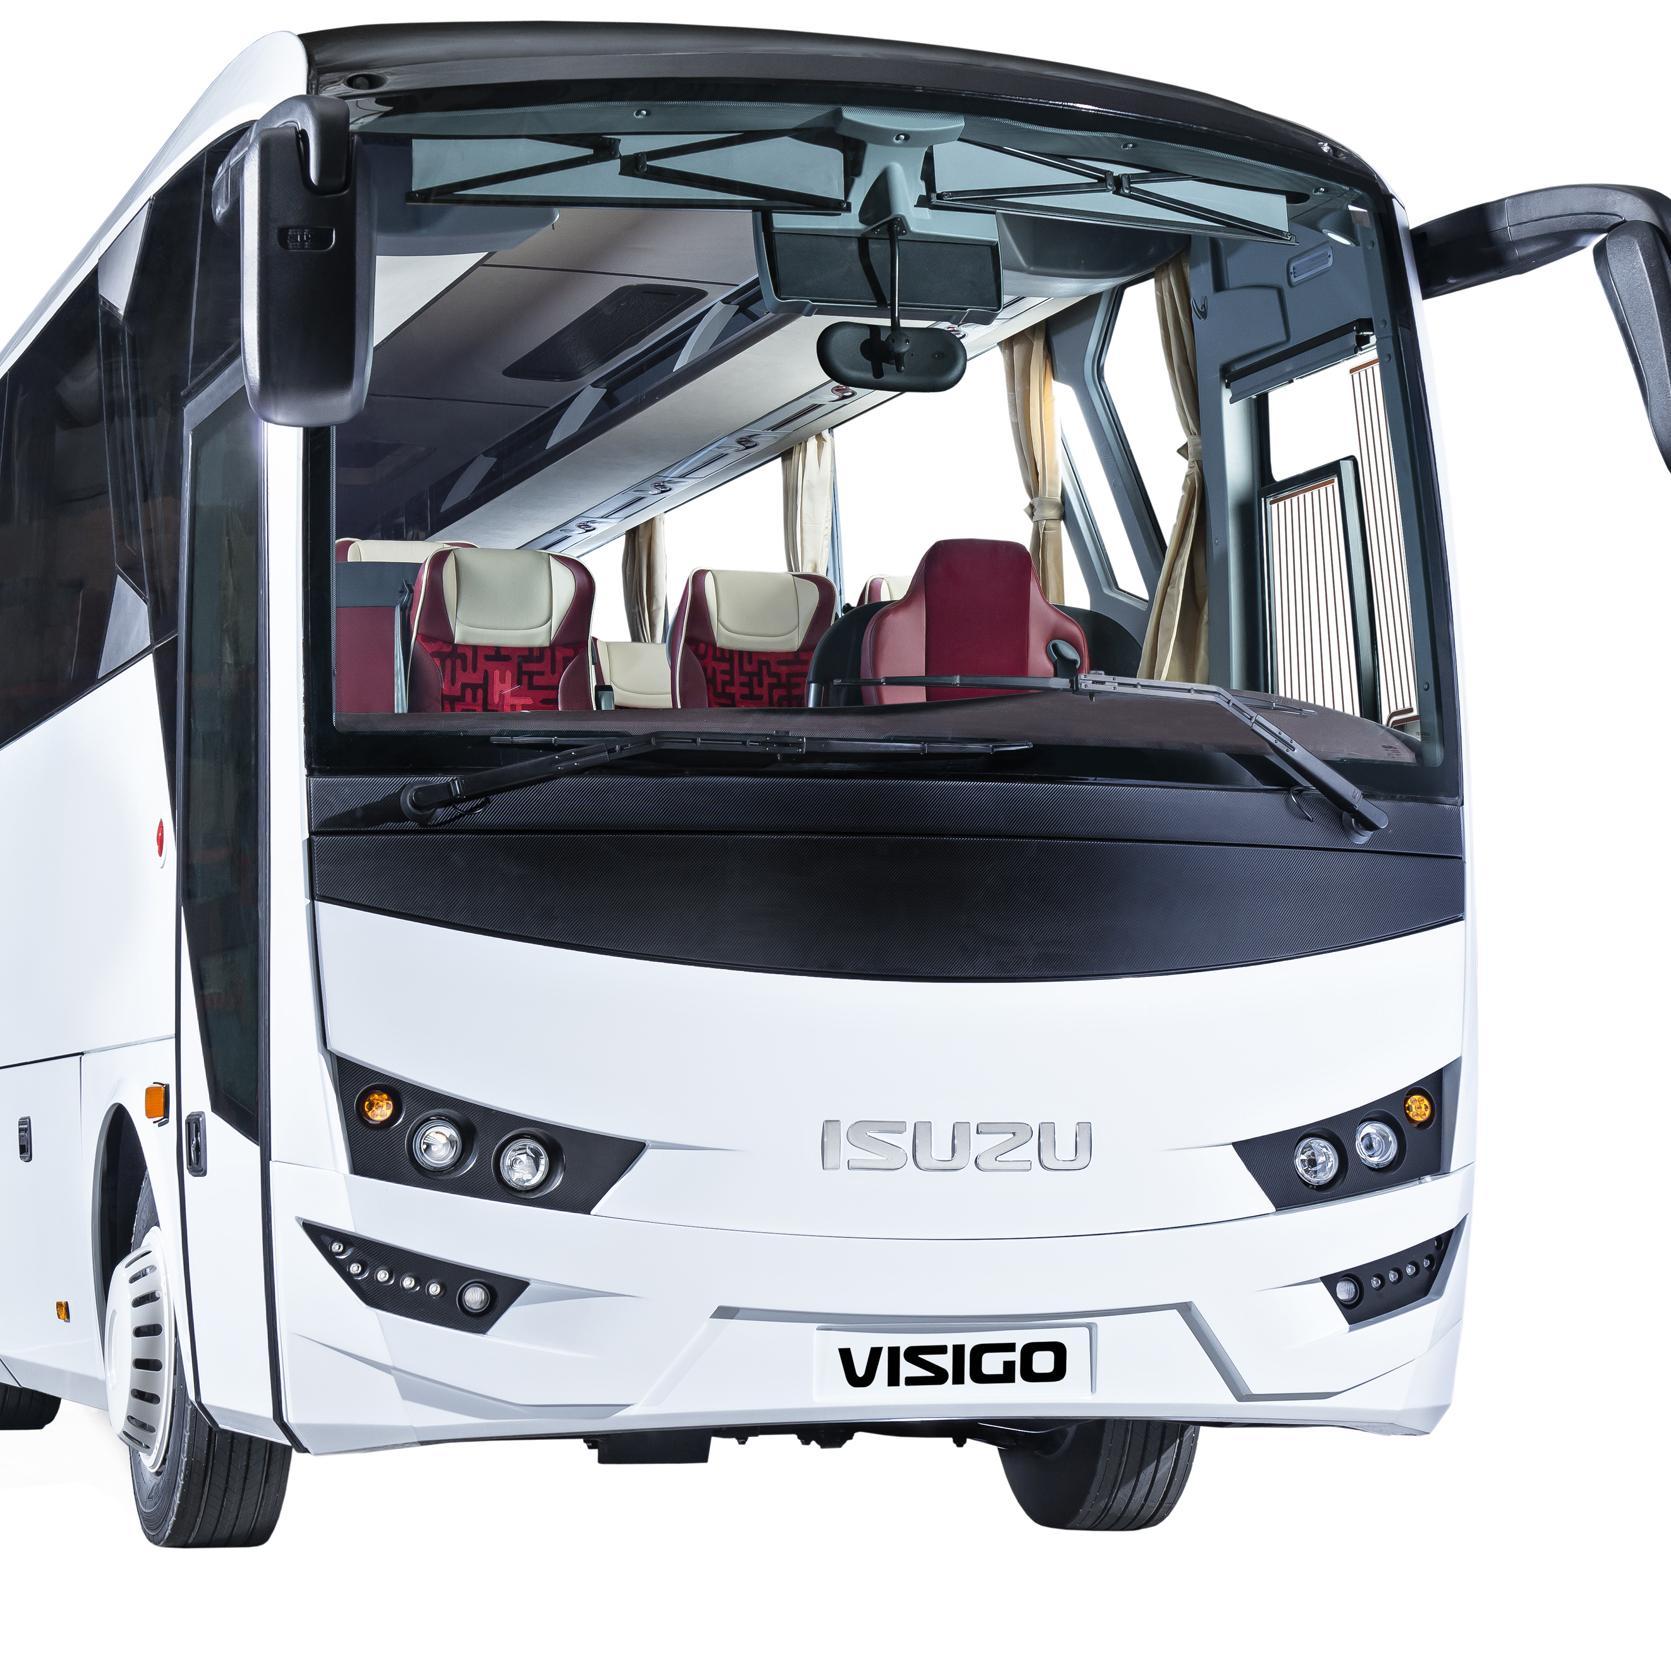 ISUZU VISIGO: Nova ikona udobnosti turističkih i međugradskih putovanja